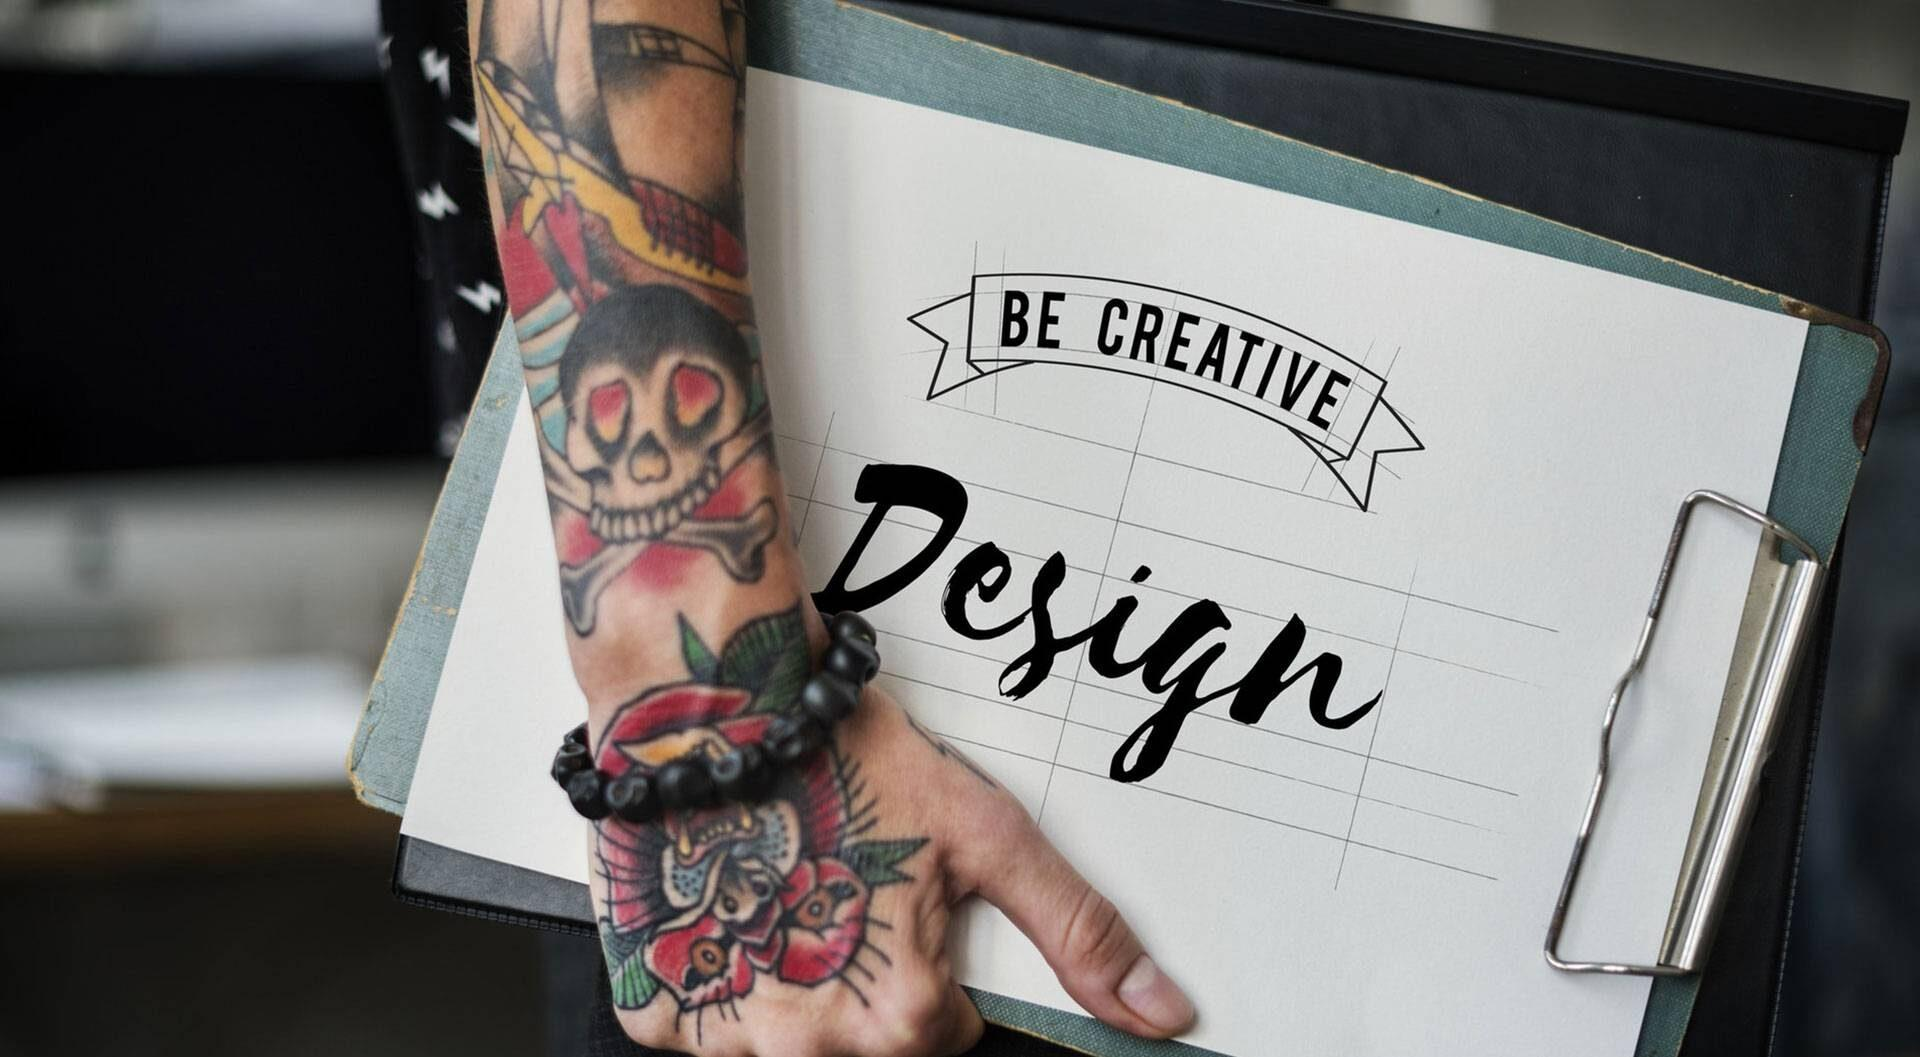 Untitled 1l 1 - Pse duhet te trajnohem per Graphic Design?